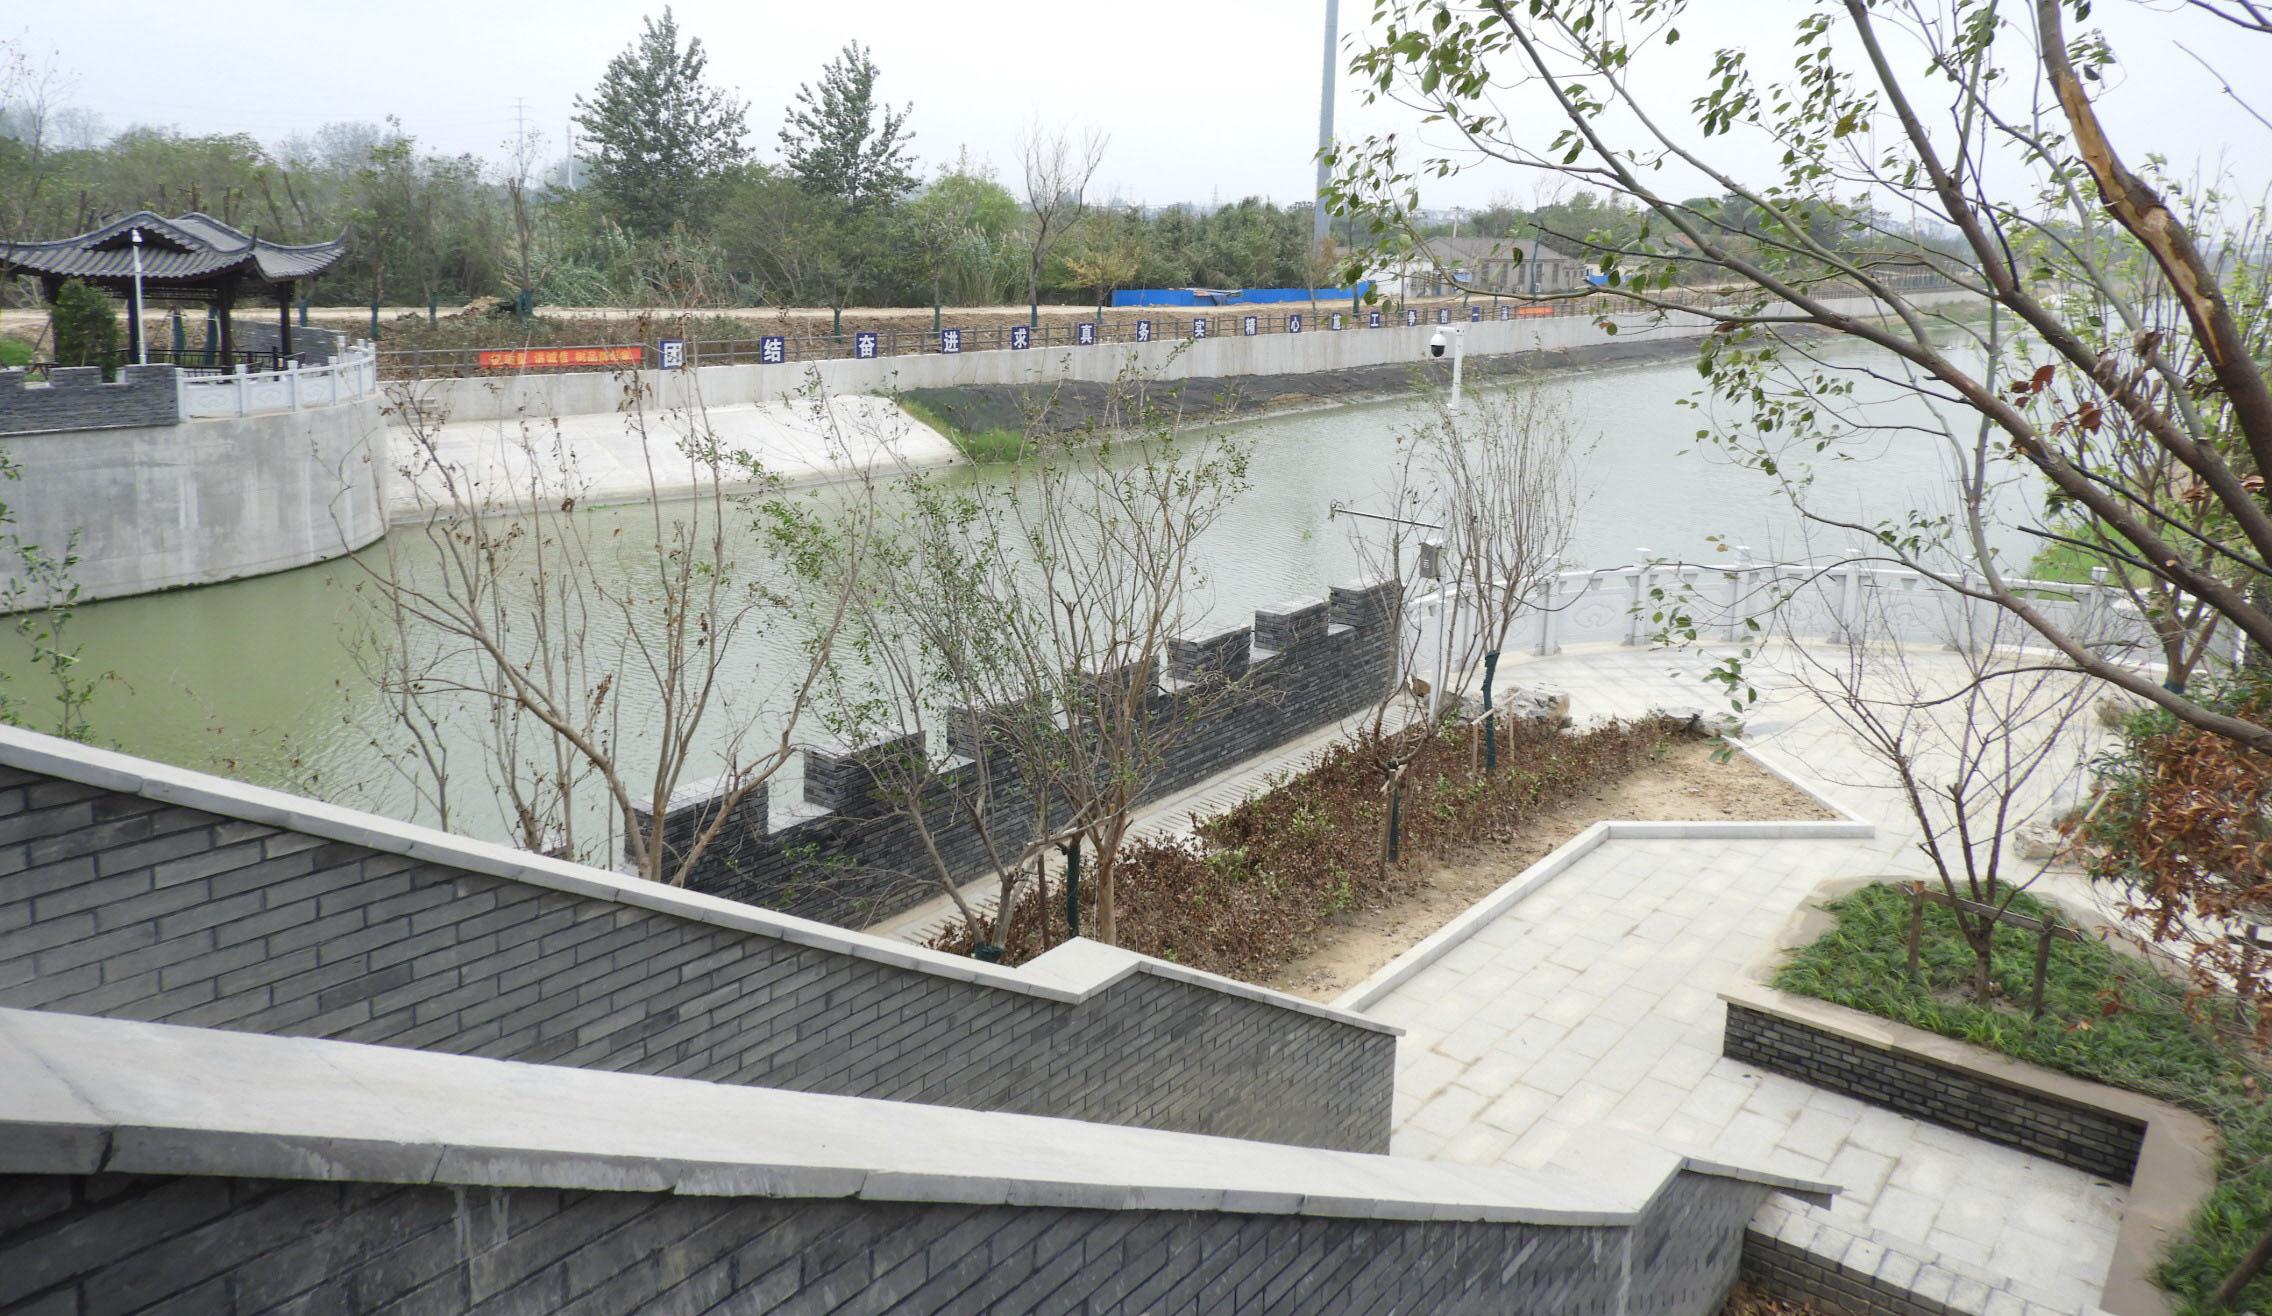 漂亮吗?槐泗河现廊道闸桥在扬州还不多见